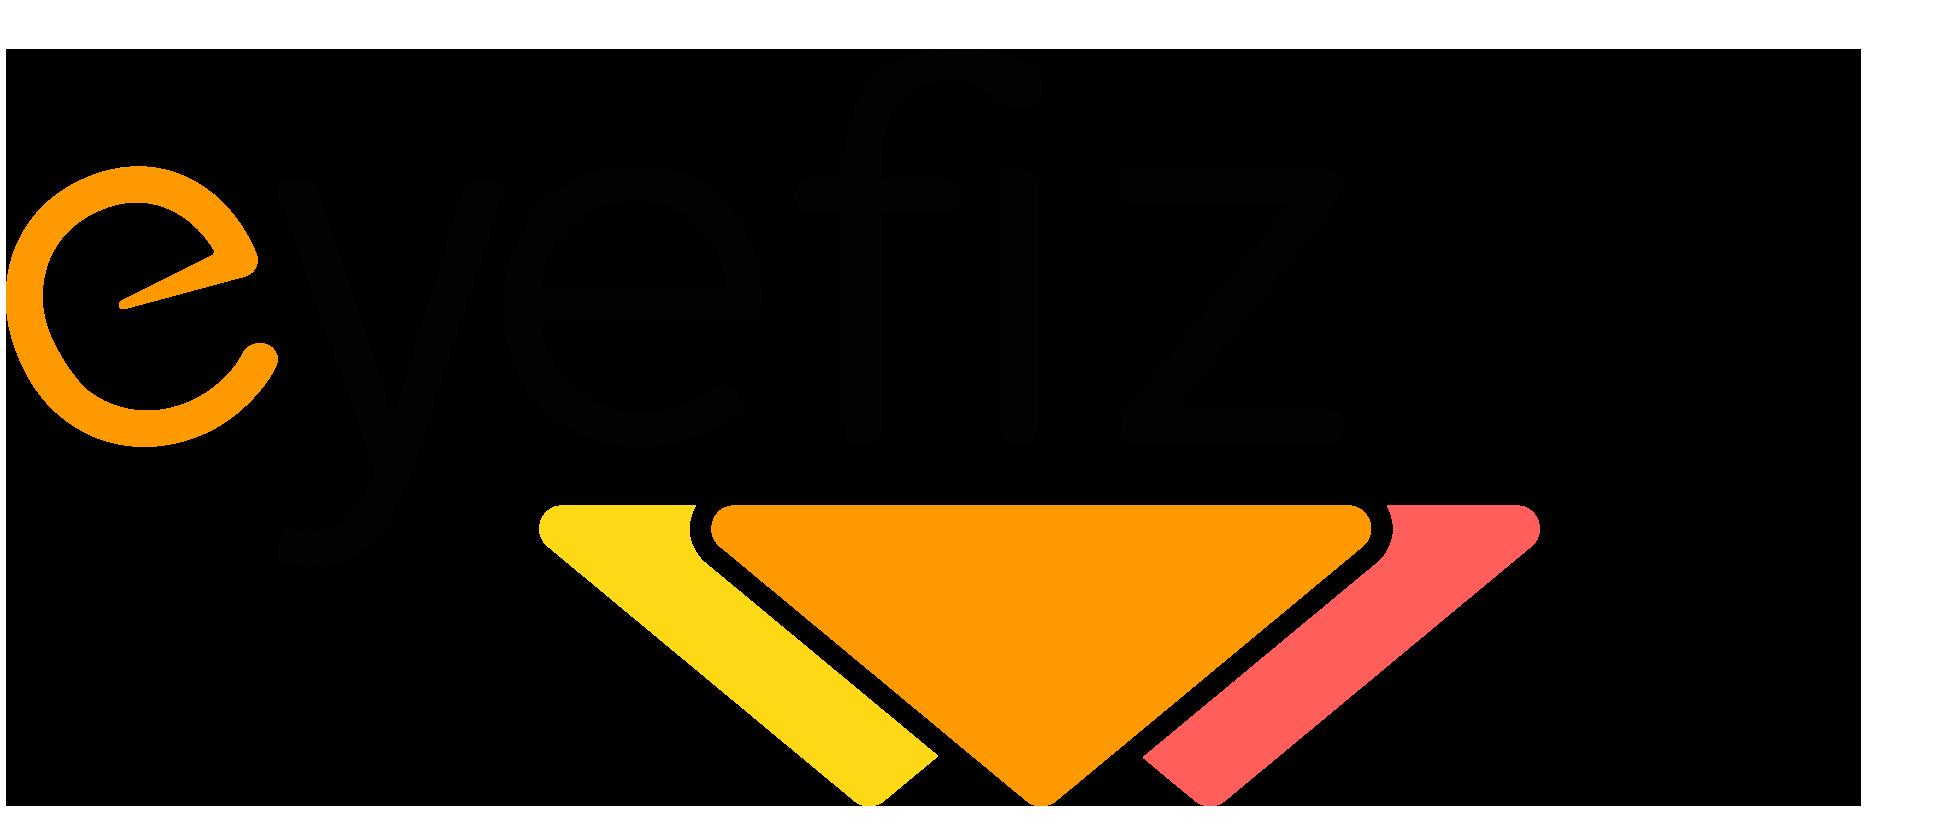 Eyefiz